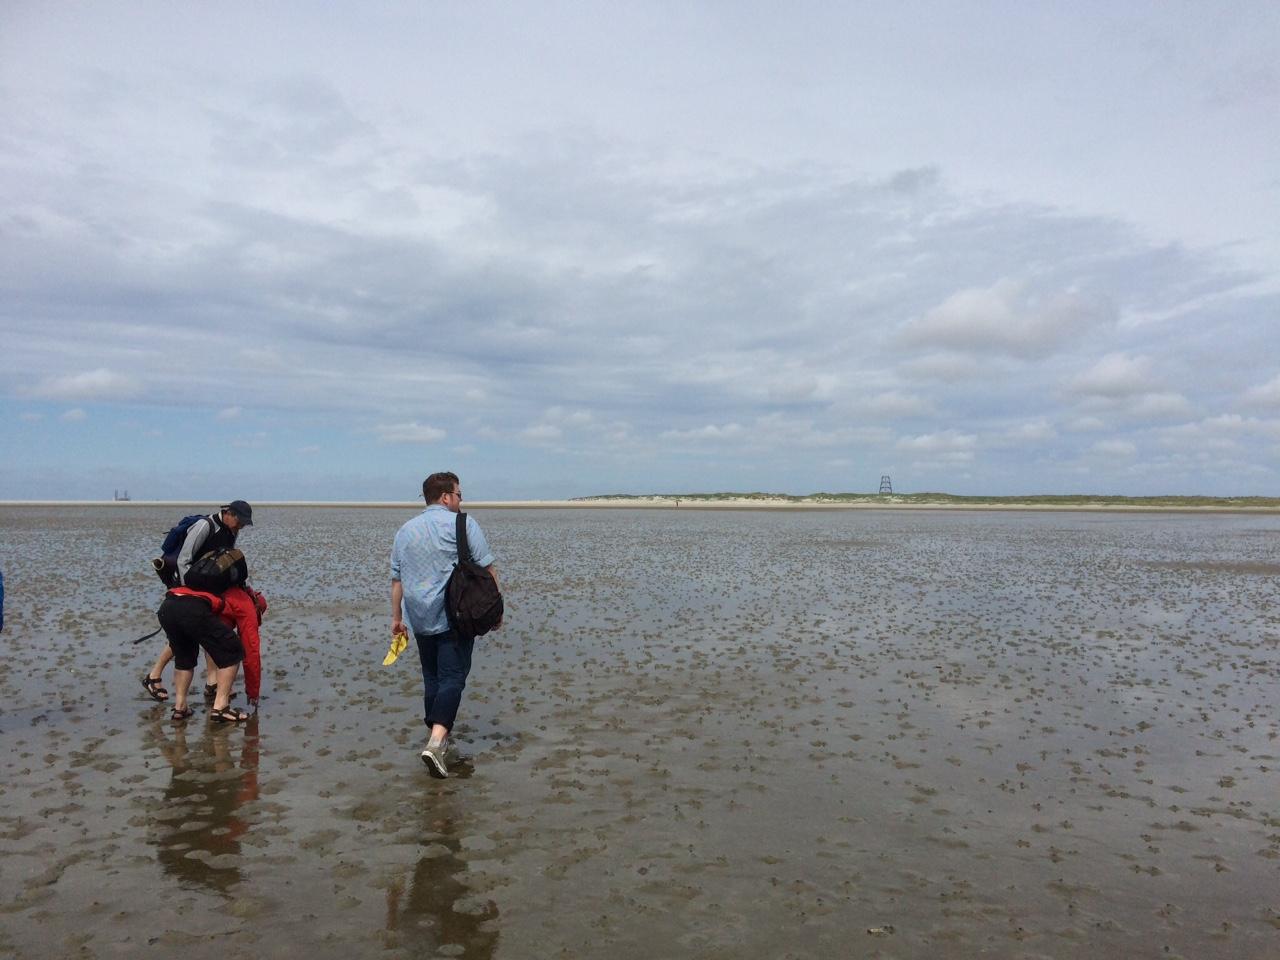 Lopen over het drooggevallen wad naar Rottumeroog. Foto: Jorien Bakker